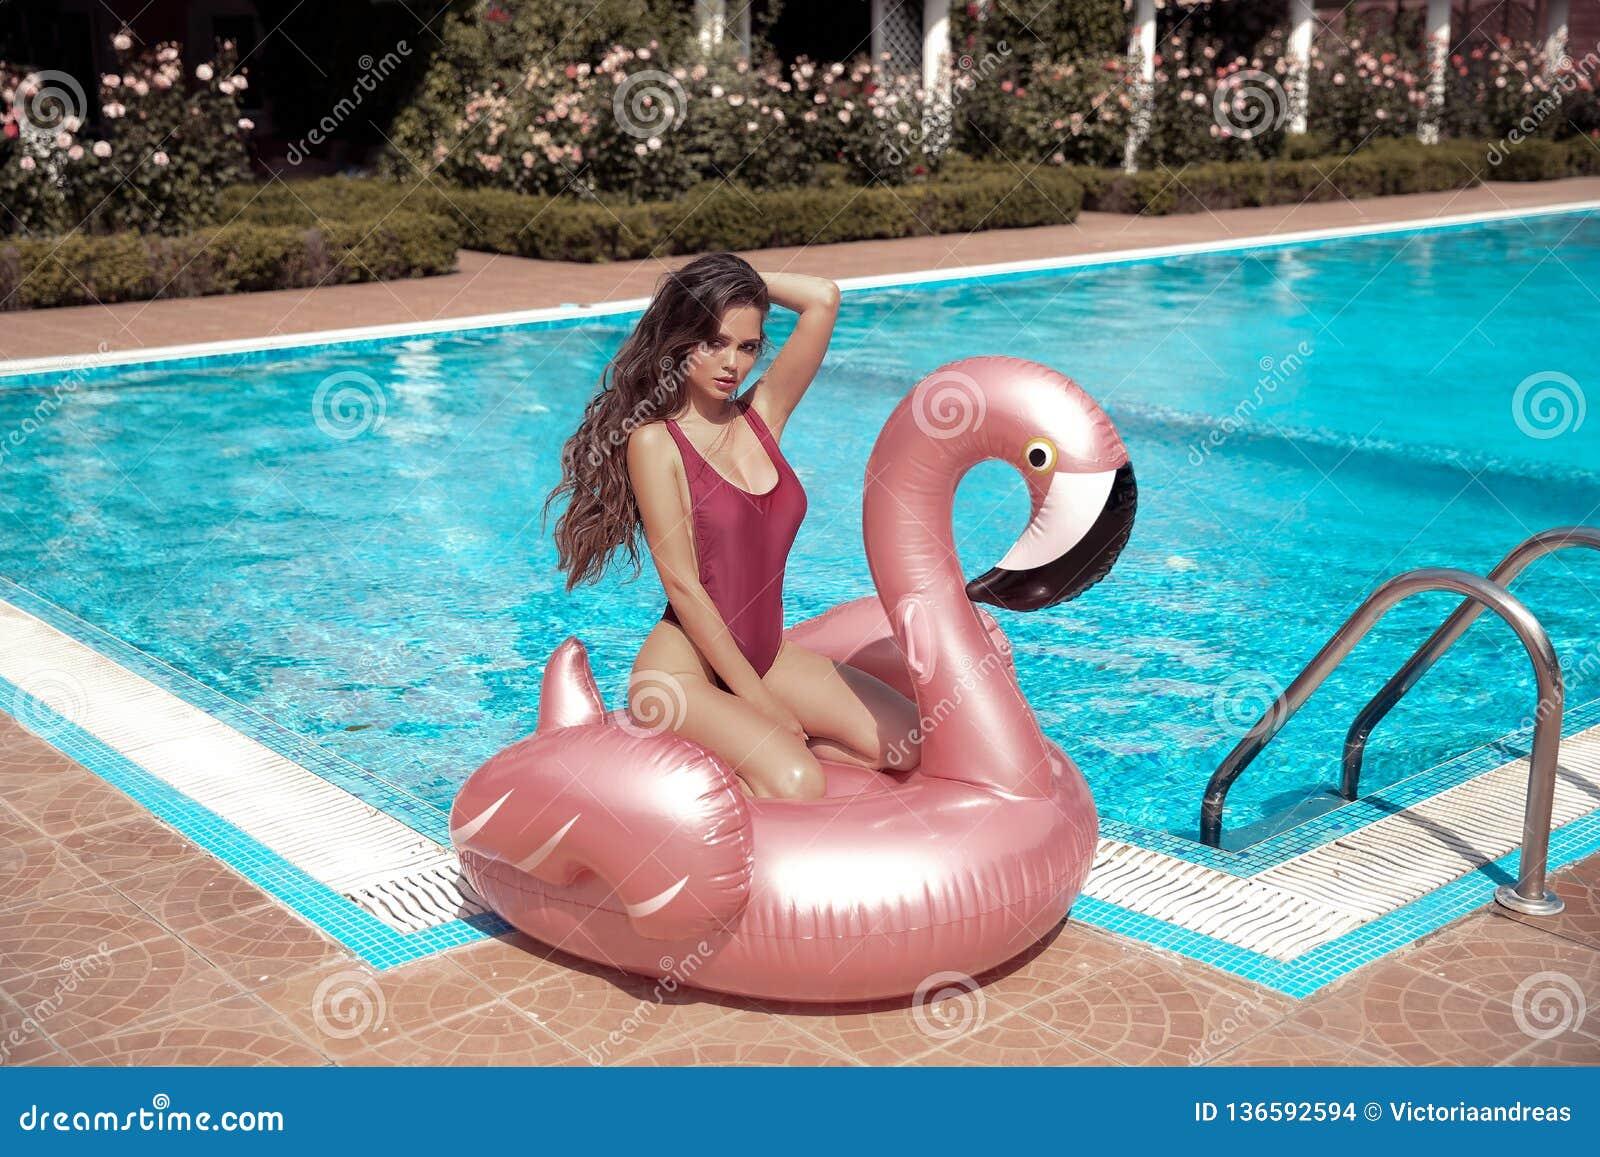 Modelo  sexy  da menina do biquini que aprecia no colchão cor-de-rosa gigante inflável do flutuador da associação do flamingo no